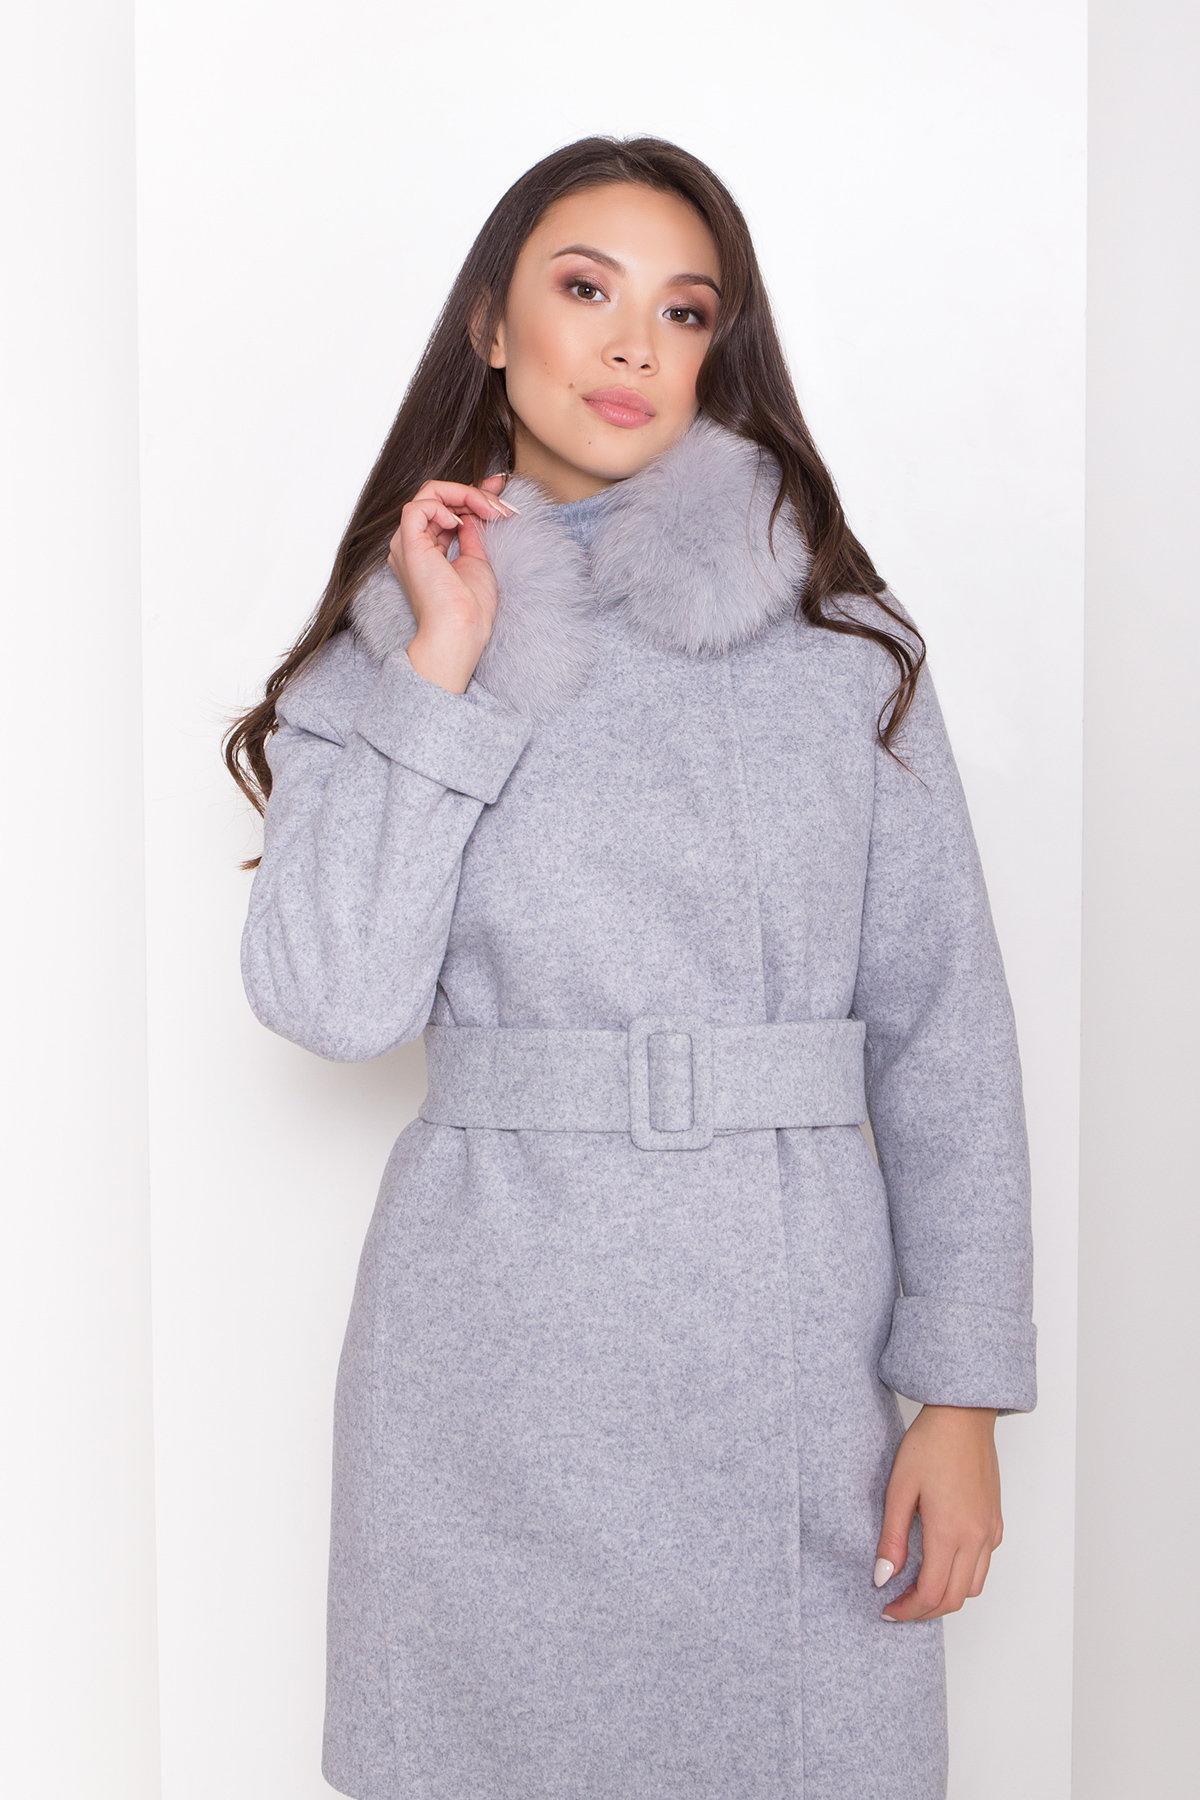 Полуприталенное зимнее пальто серых тонов Лизи 8170 АРТ. 44182 Цвет: Серый Светлый 33 - фото 4, интернет магазин tm-modus.ru